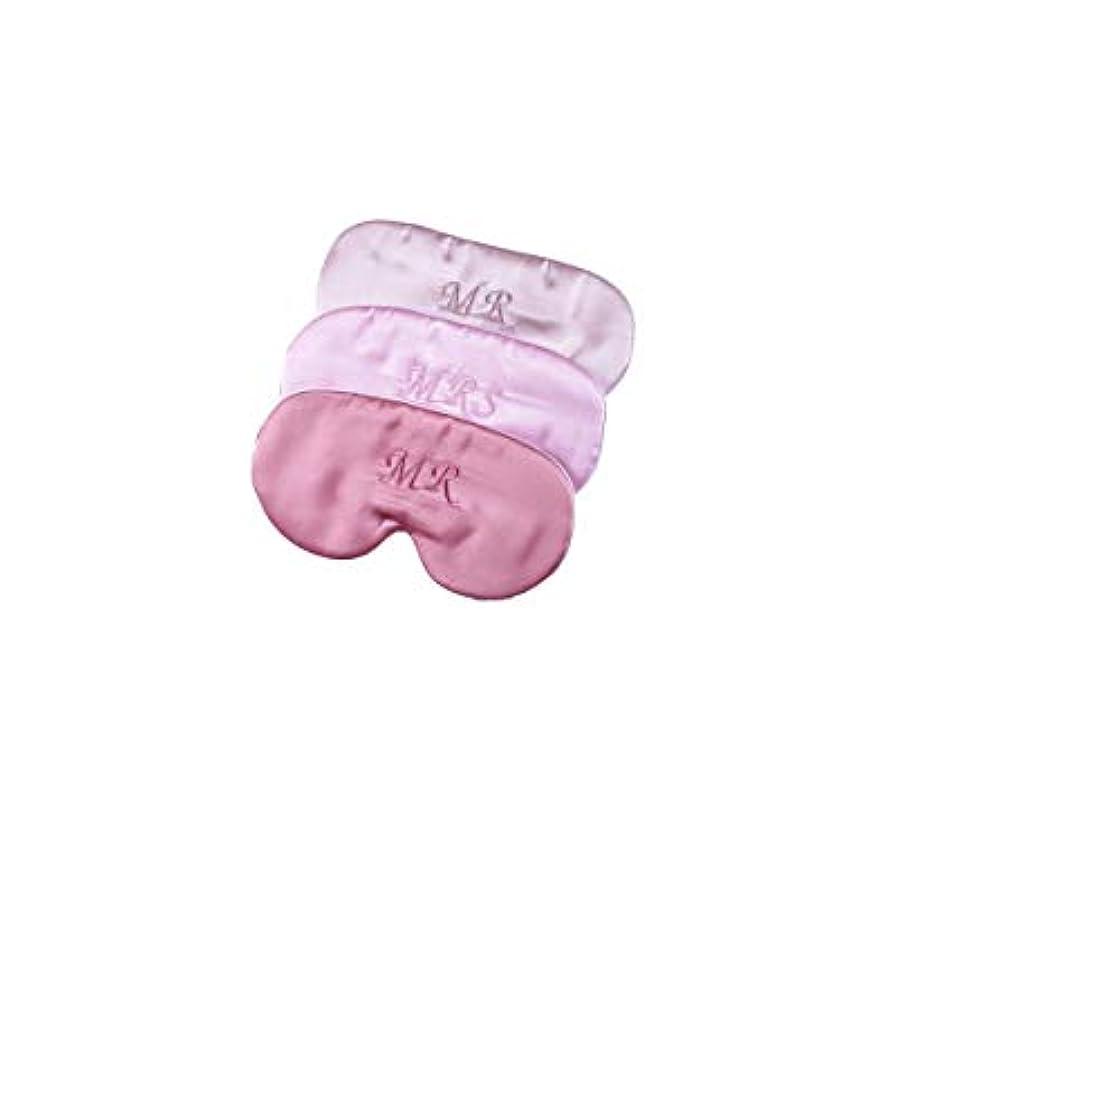 柔らかい認知ホースシルクゴーグル調節可能、100%シルク、イヤホン収納バッグギフトボックス4セットの刺繍モデル日よけ女性、通気性、快適、いびきアーチファクト (Color : Pink)